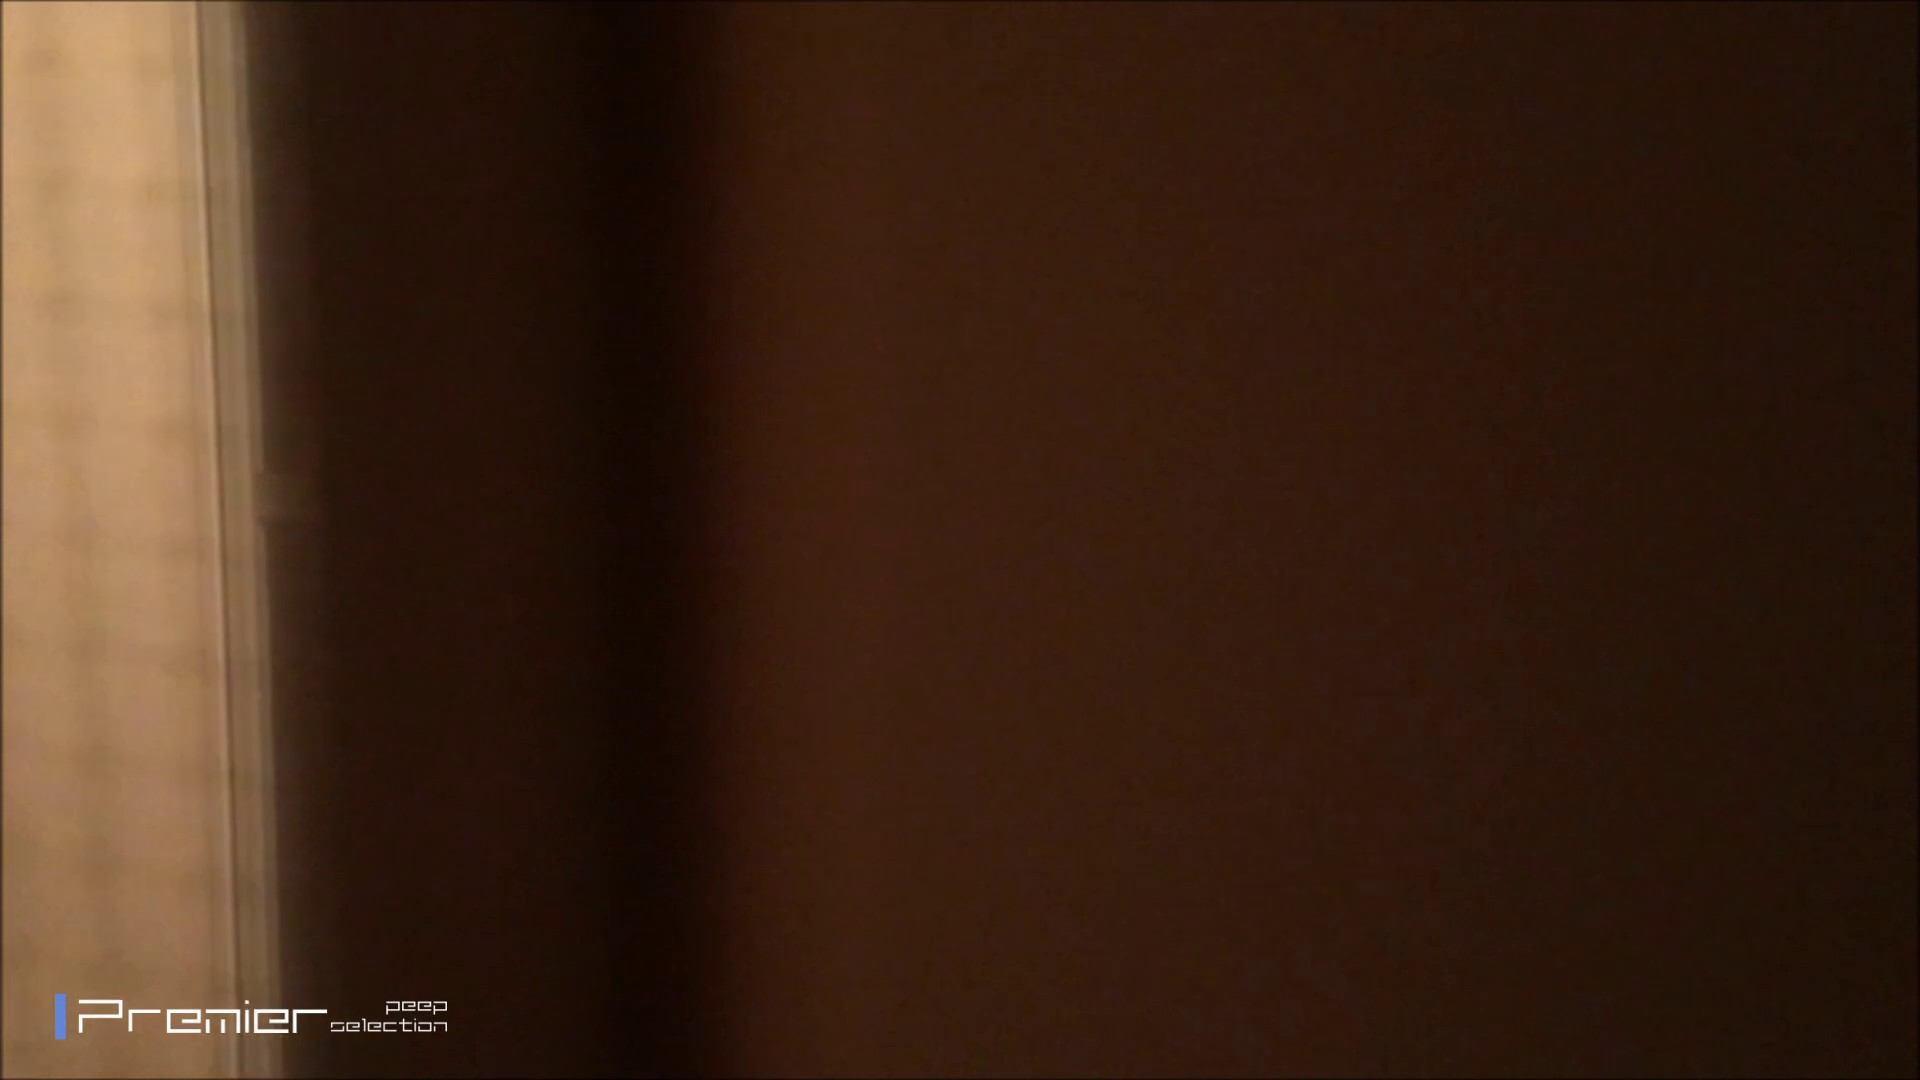 シャワーのお湯を跳ね返すお肌 乙女の風呂場 Vol.03 盗撮映像大放出 セックス画像 98連発 9